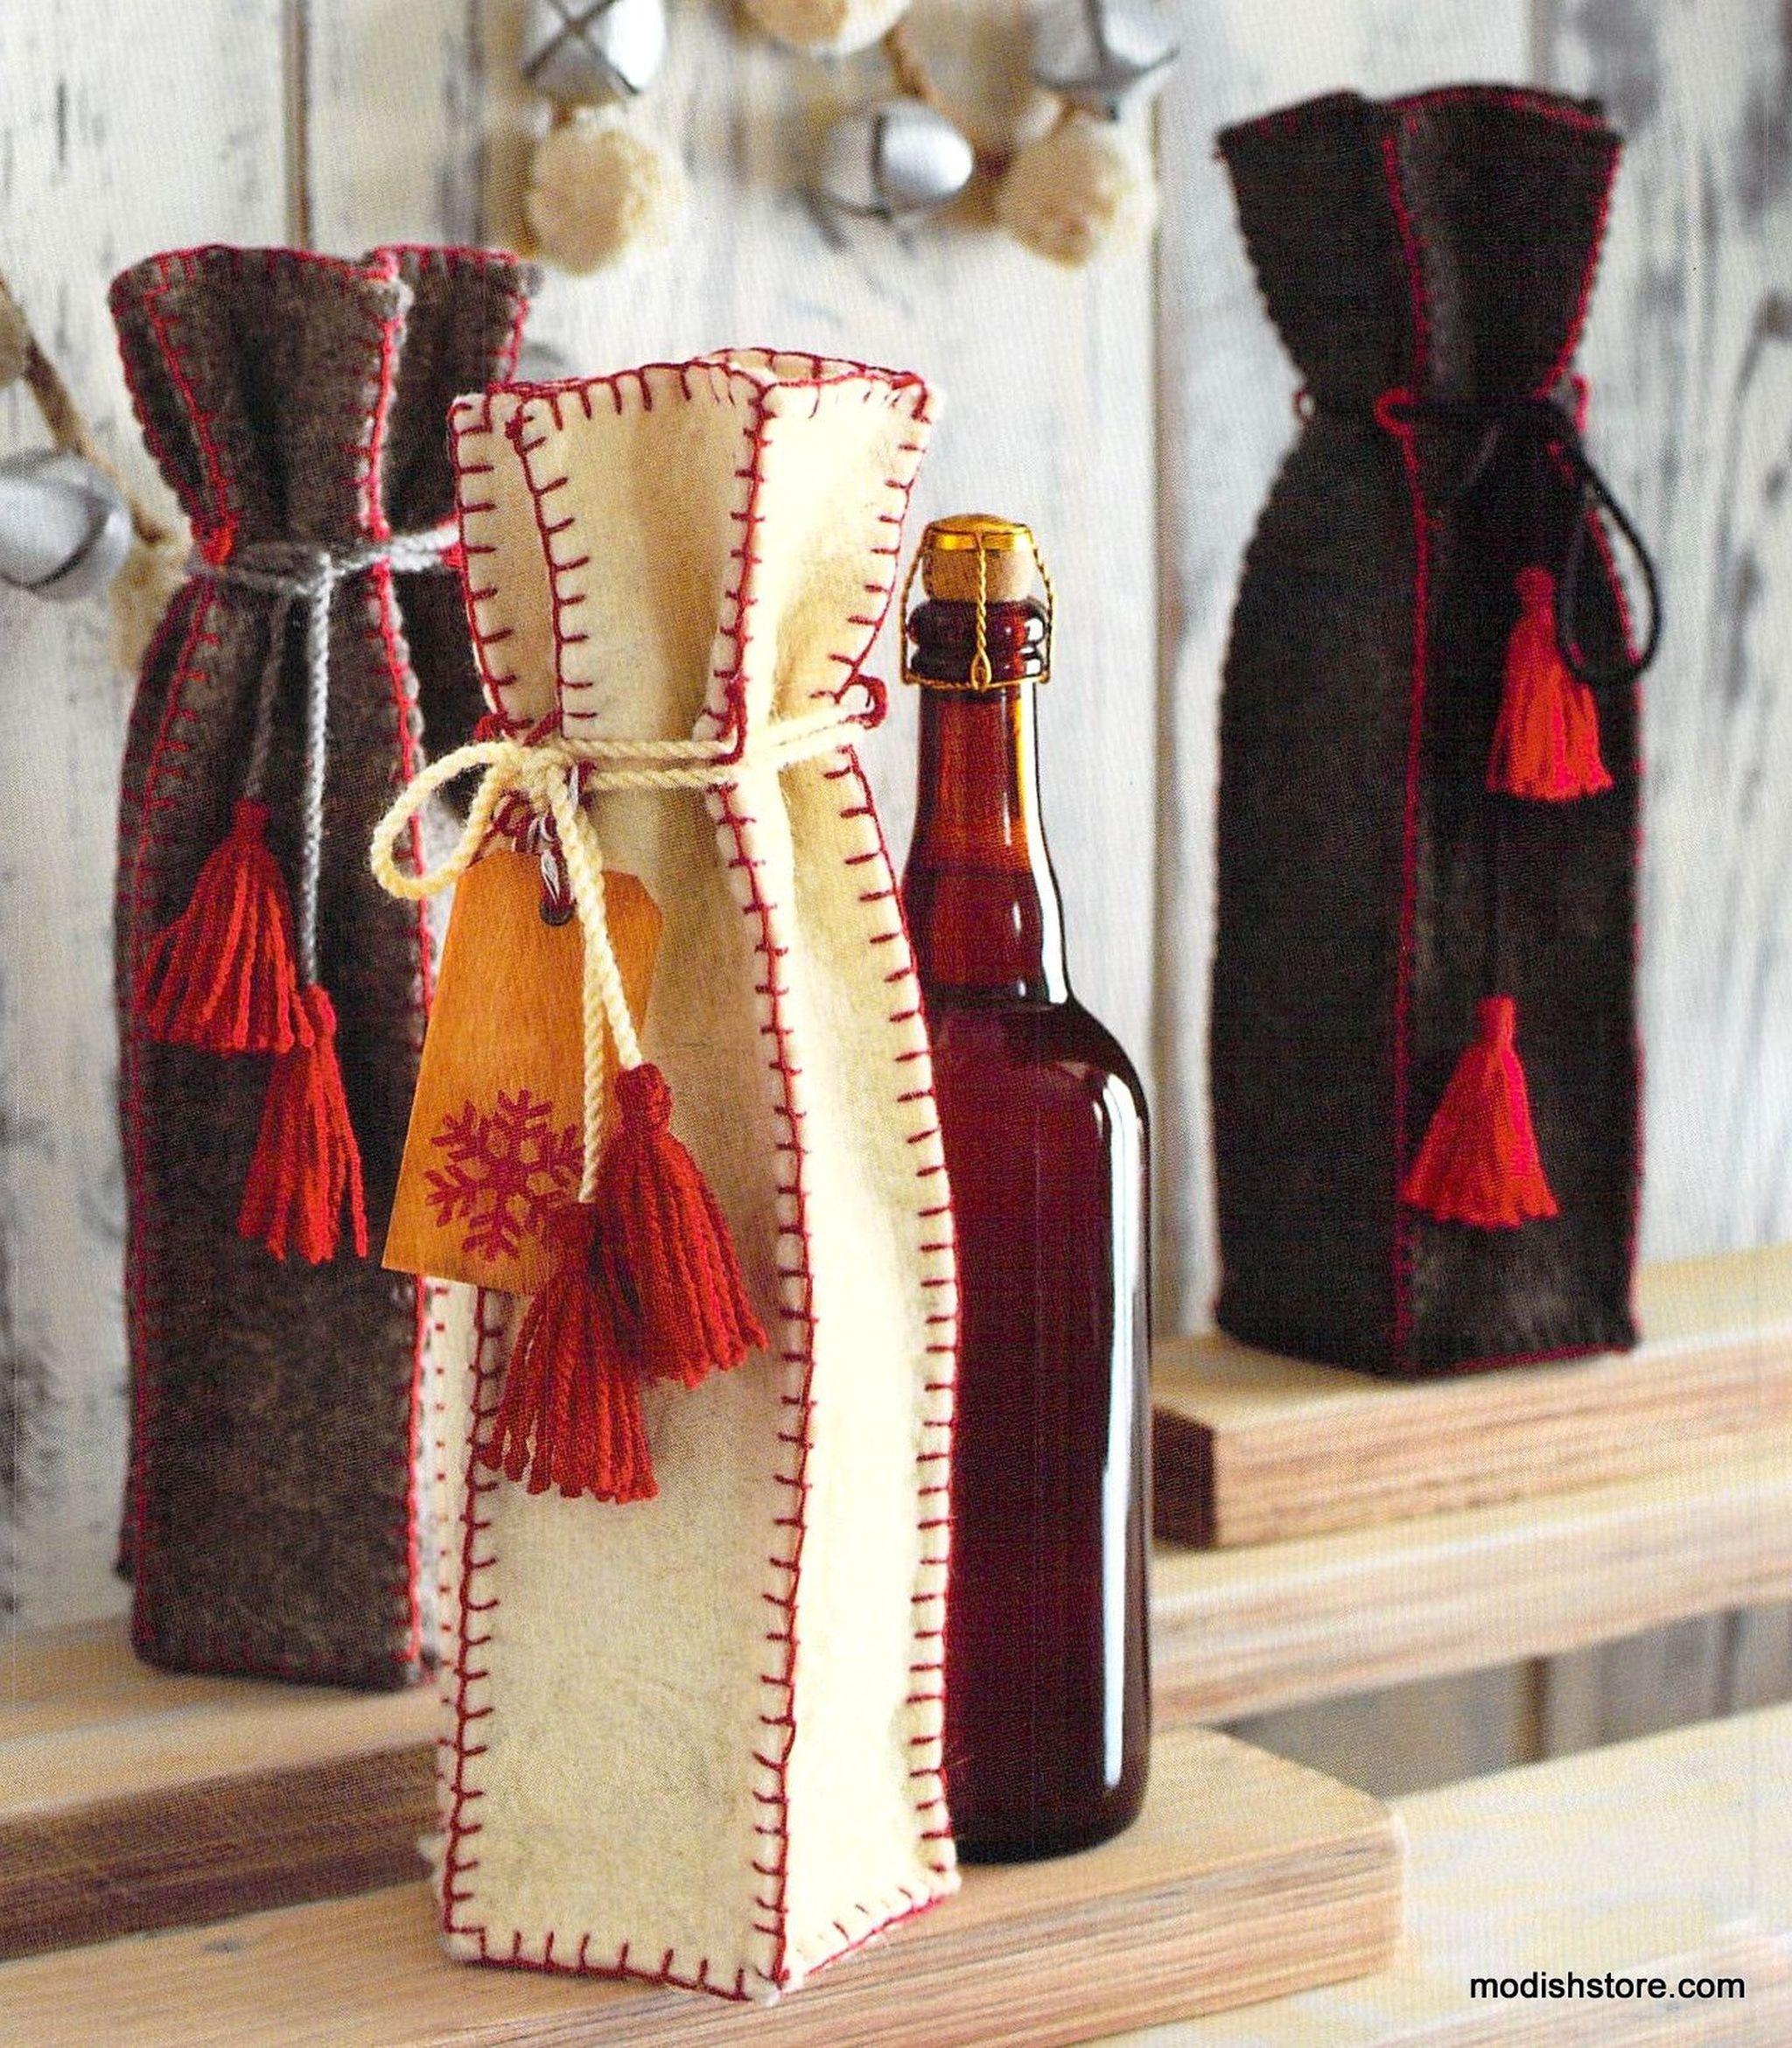 85 00 Roost Wooly Wine Bags Set Of 6 Wine Bag Diy Wine Gifts Wine Gift Bag